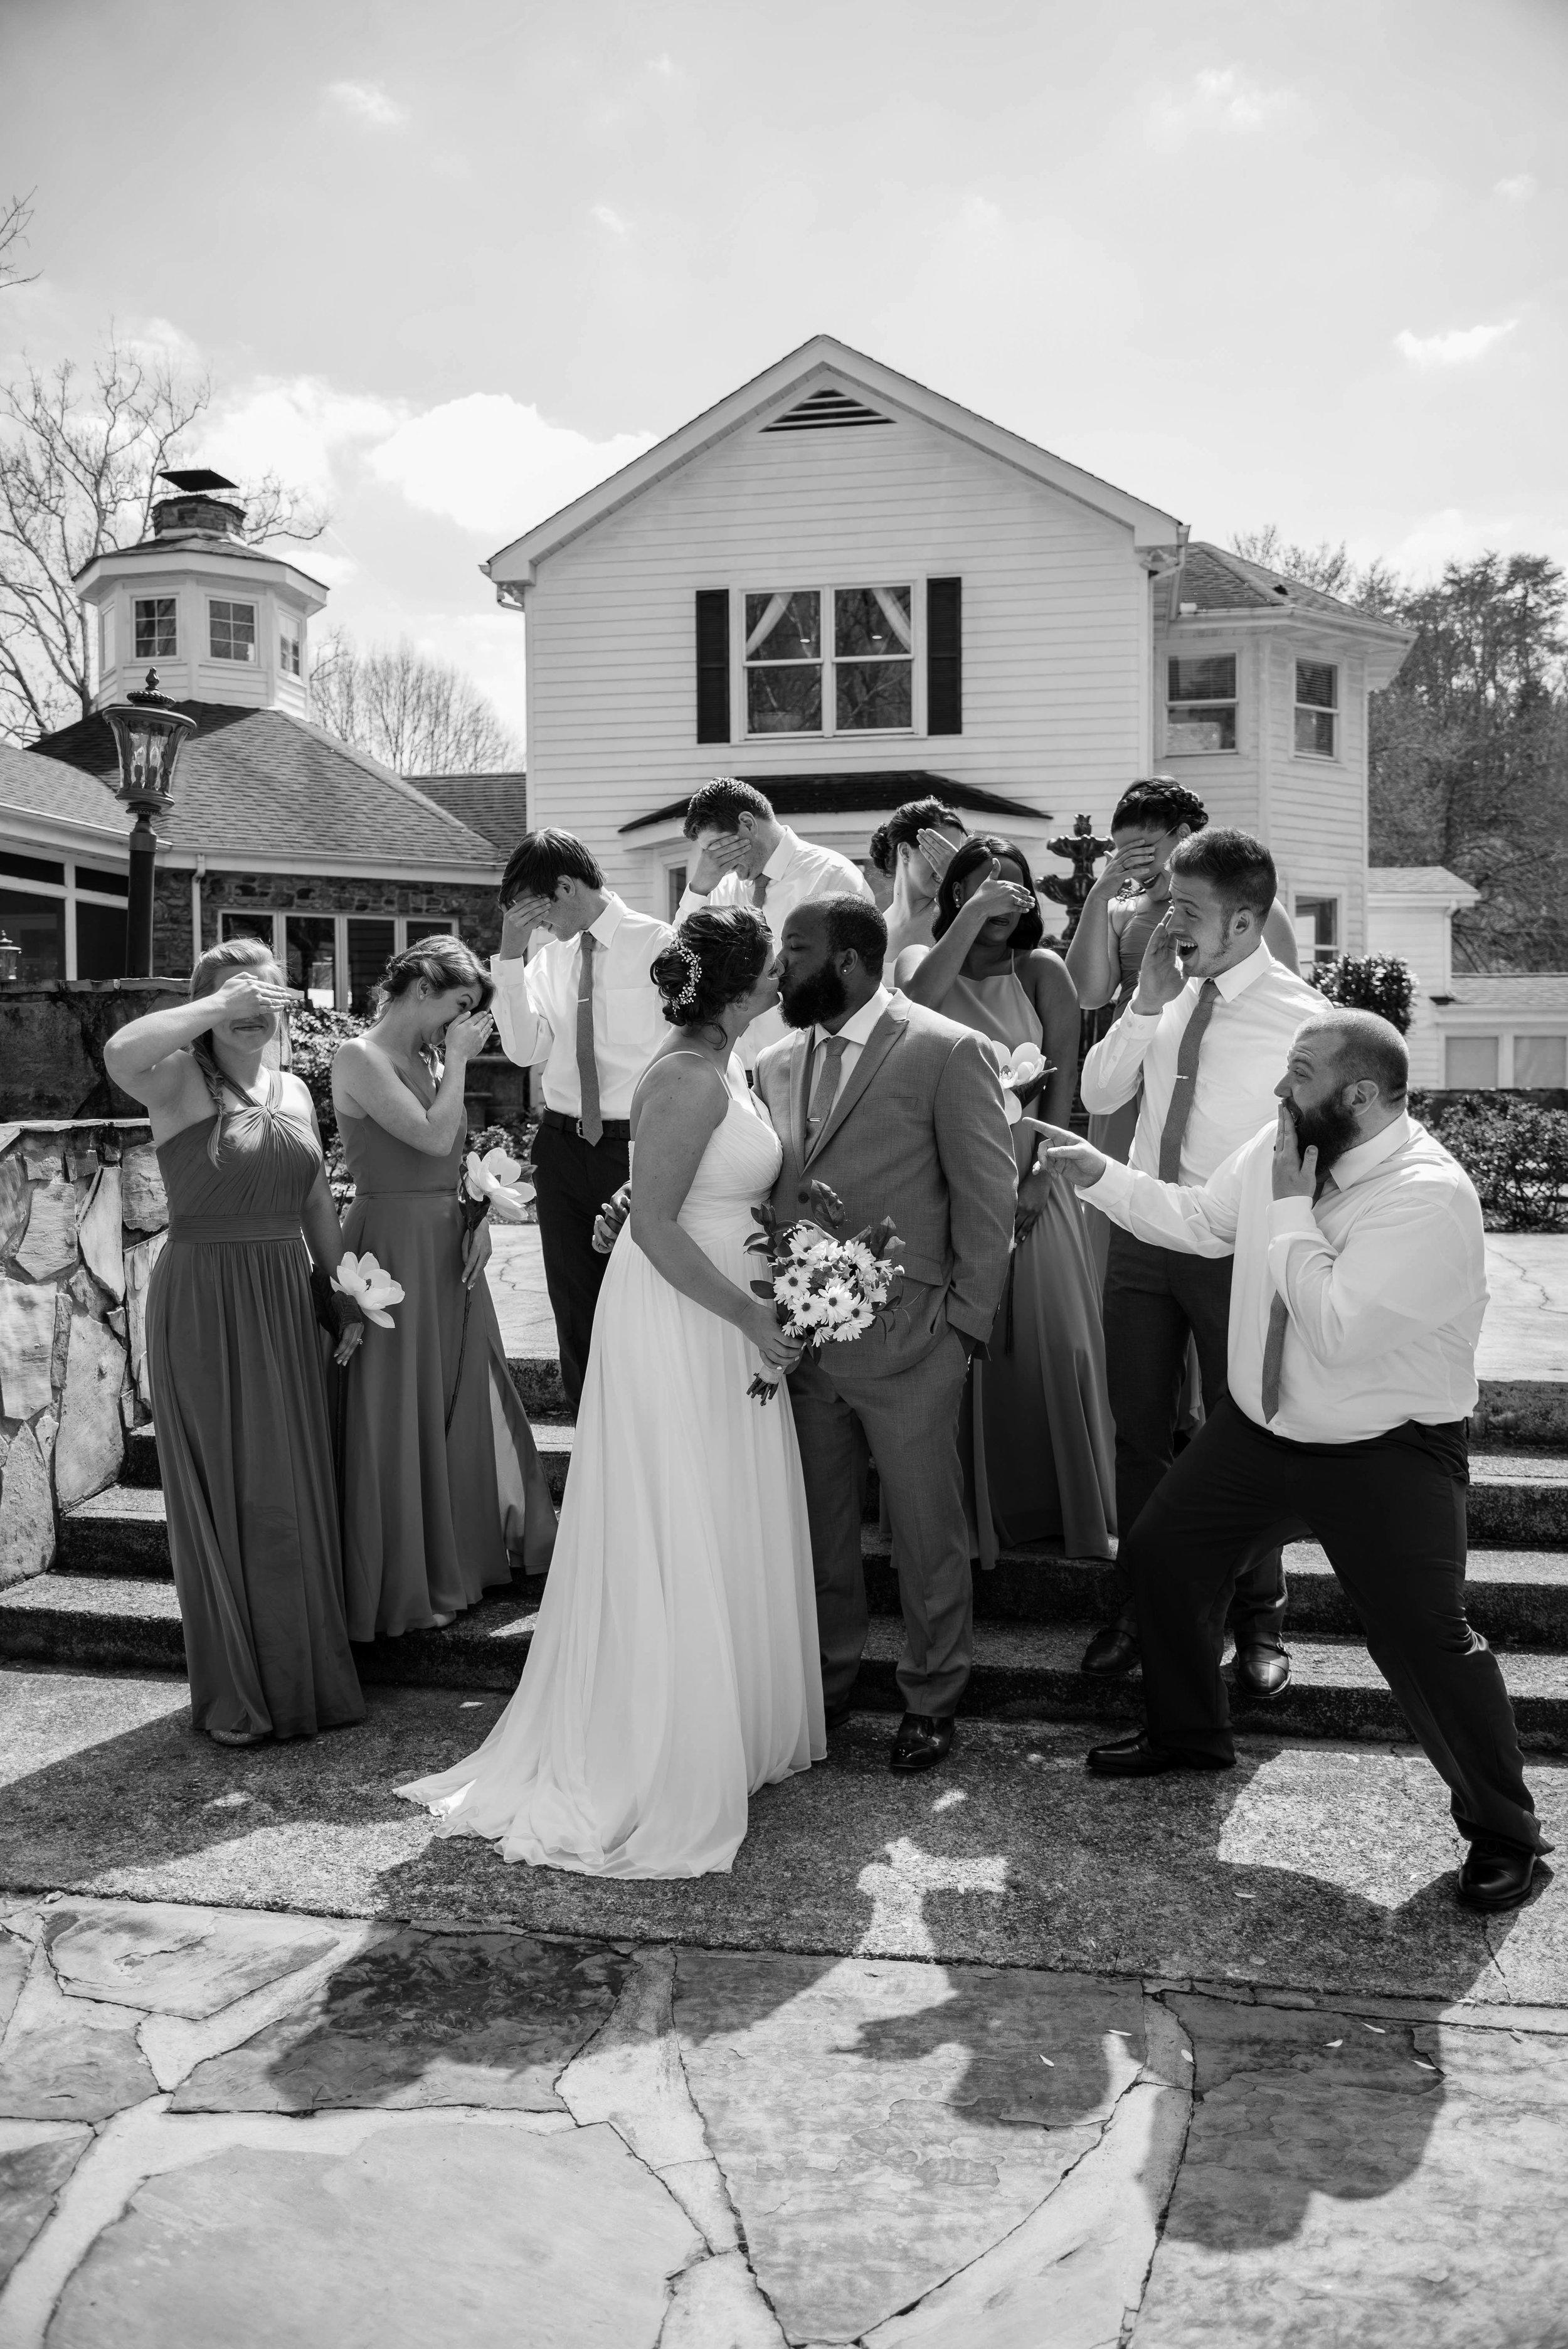 weddingpartyb&w-024.jpg